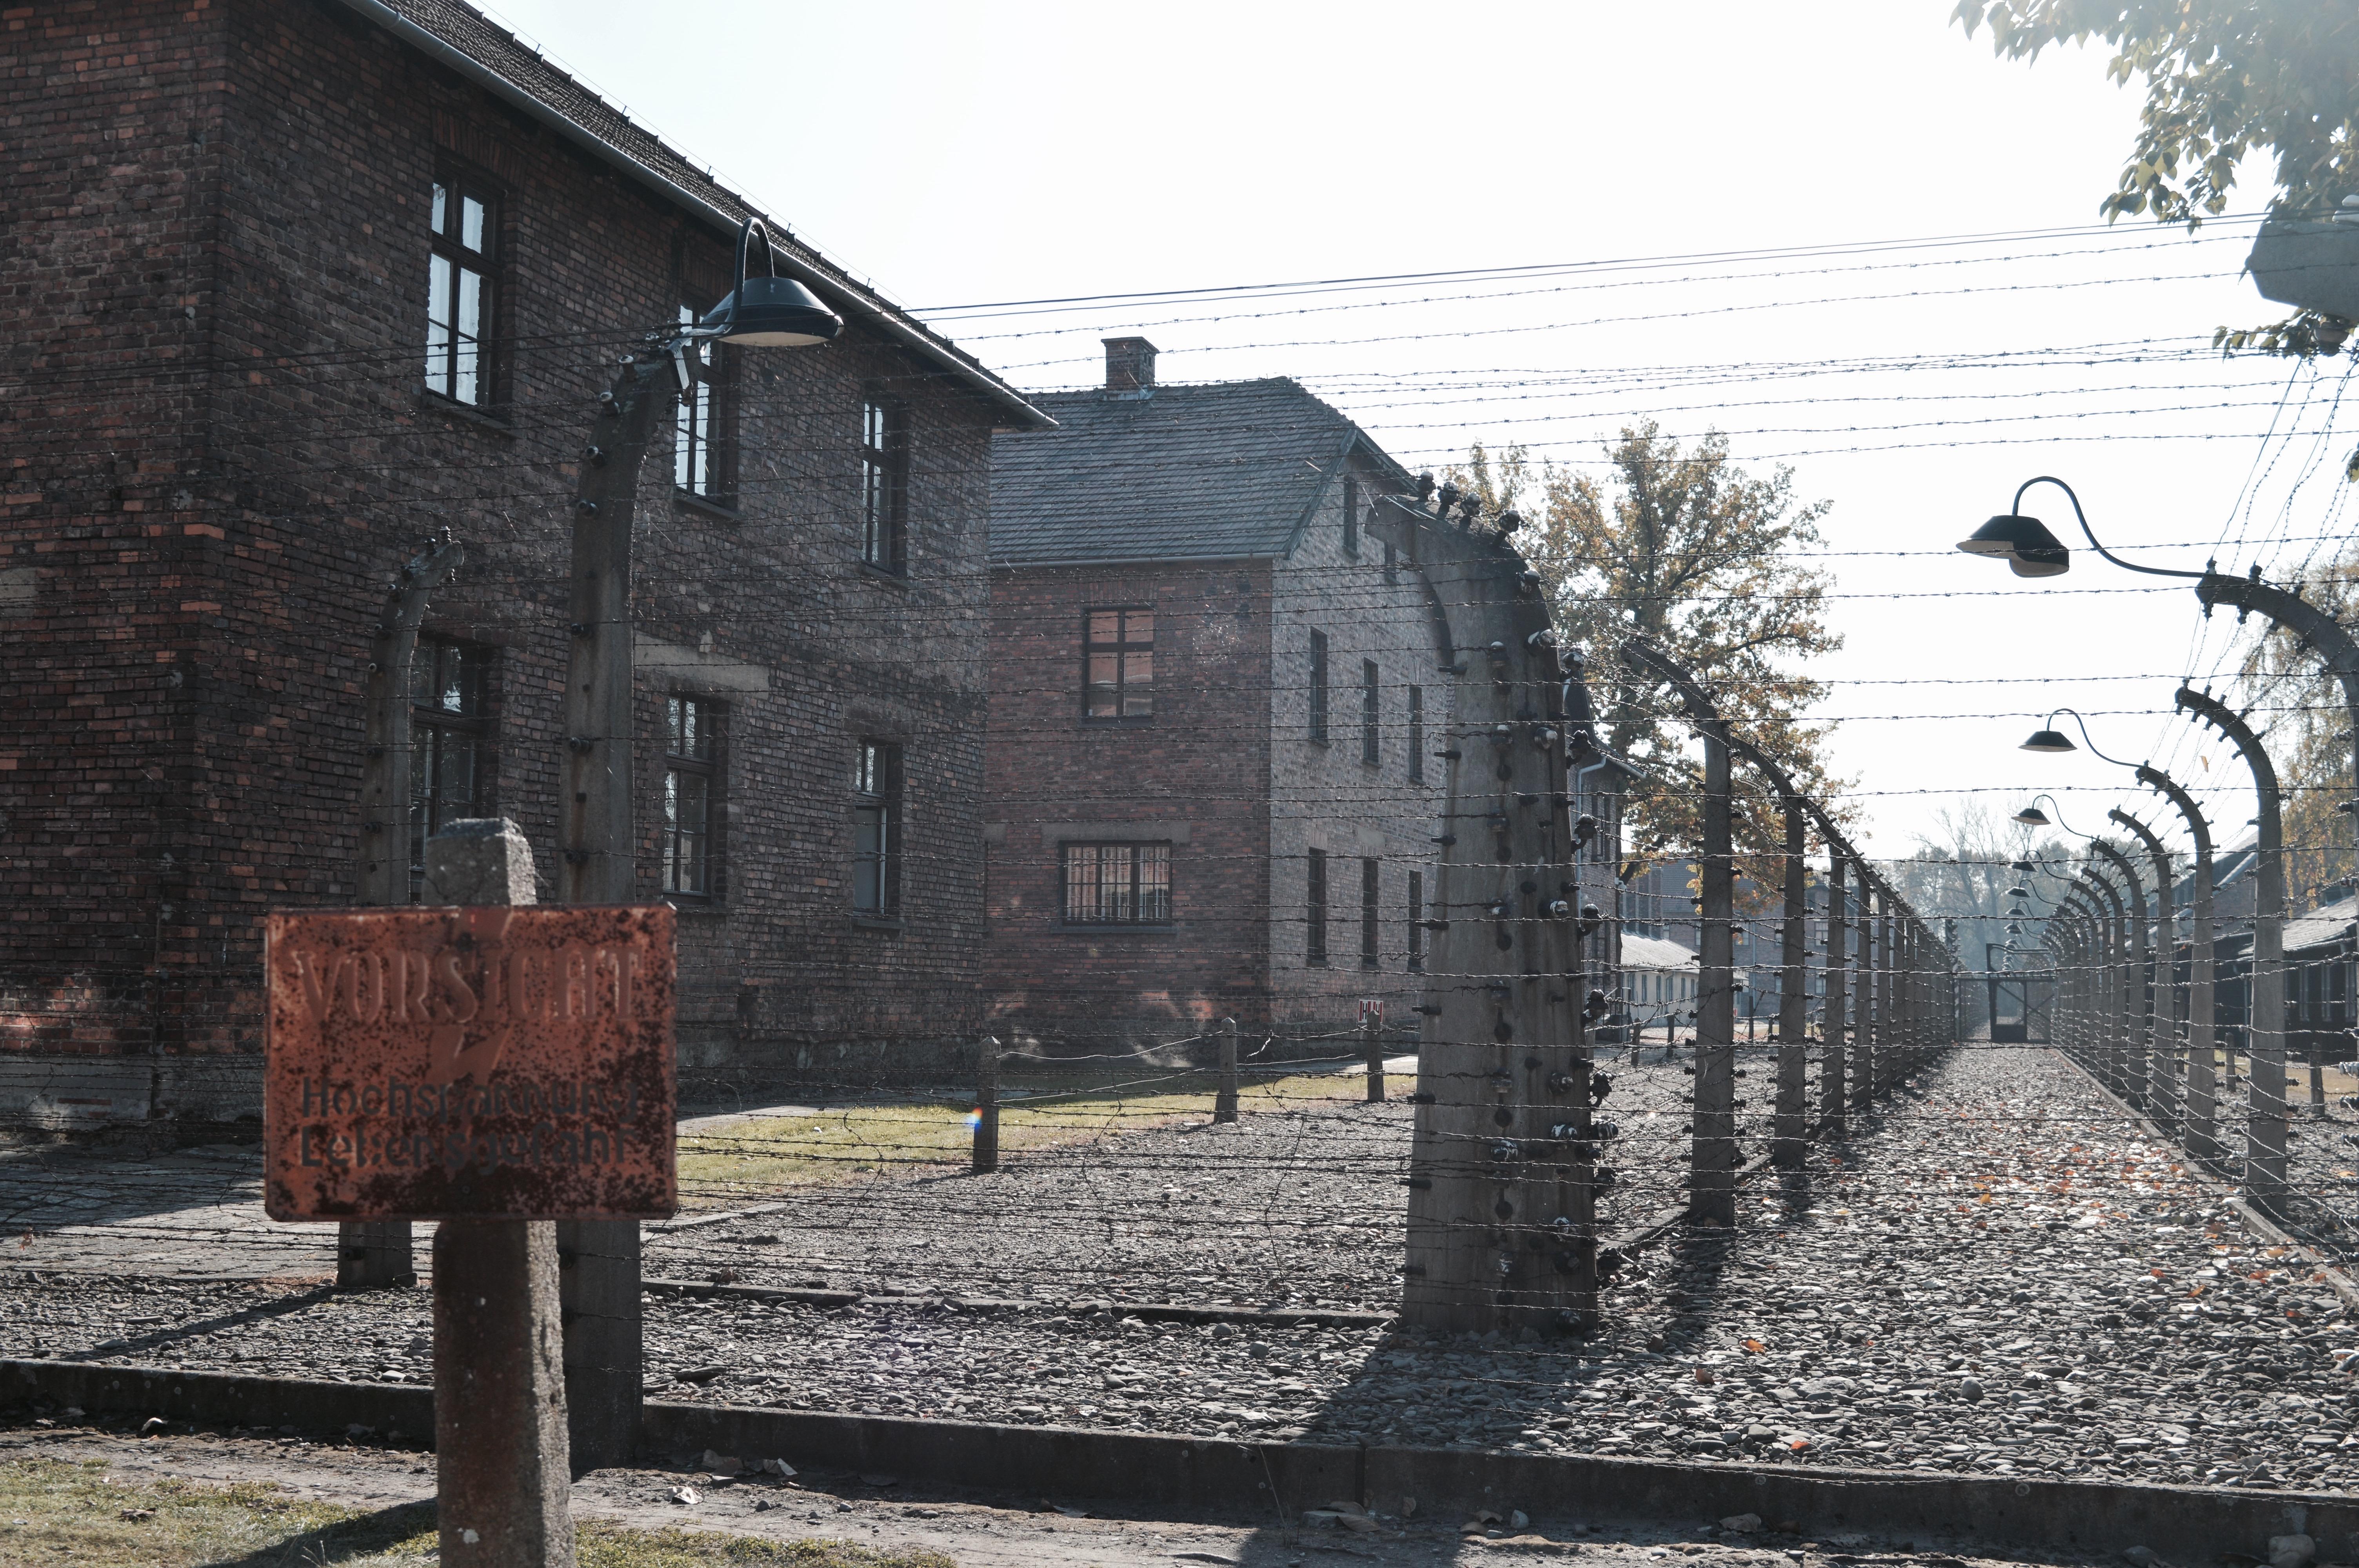 Auschwitz - Verschrikkelijk: mijn ervaring met een beangstigend bezoek aan Auschwitz